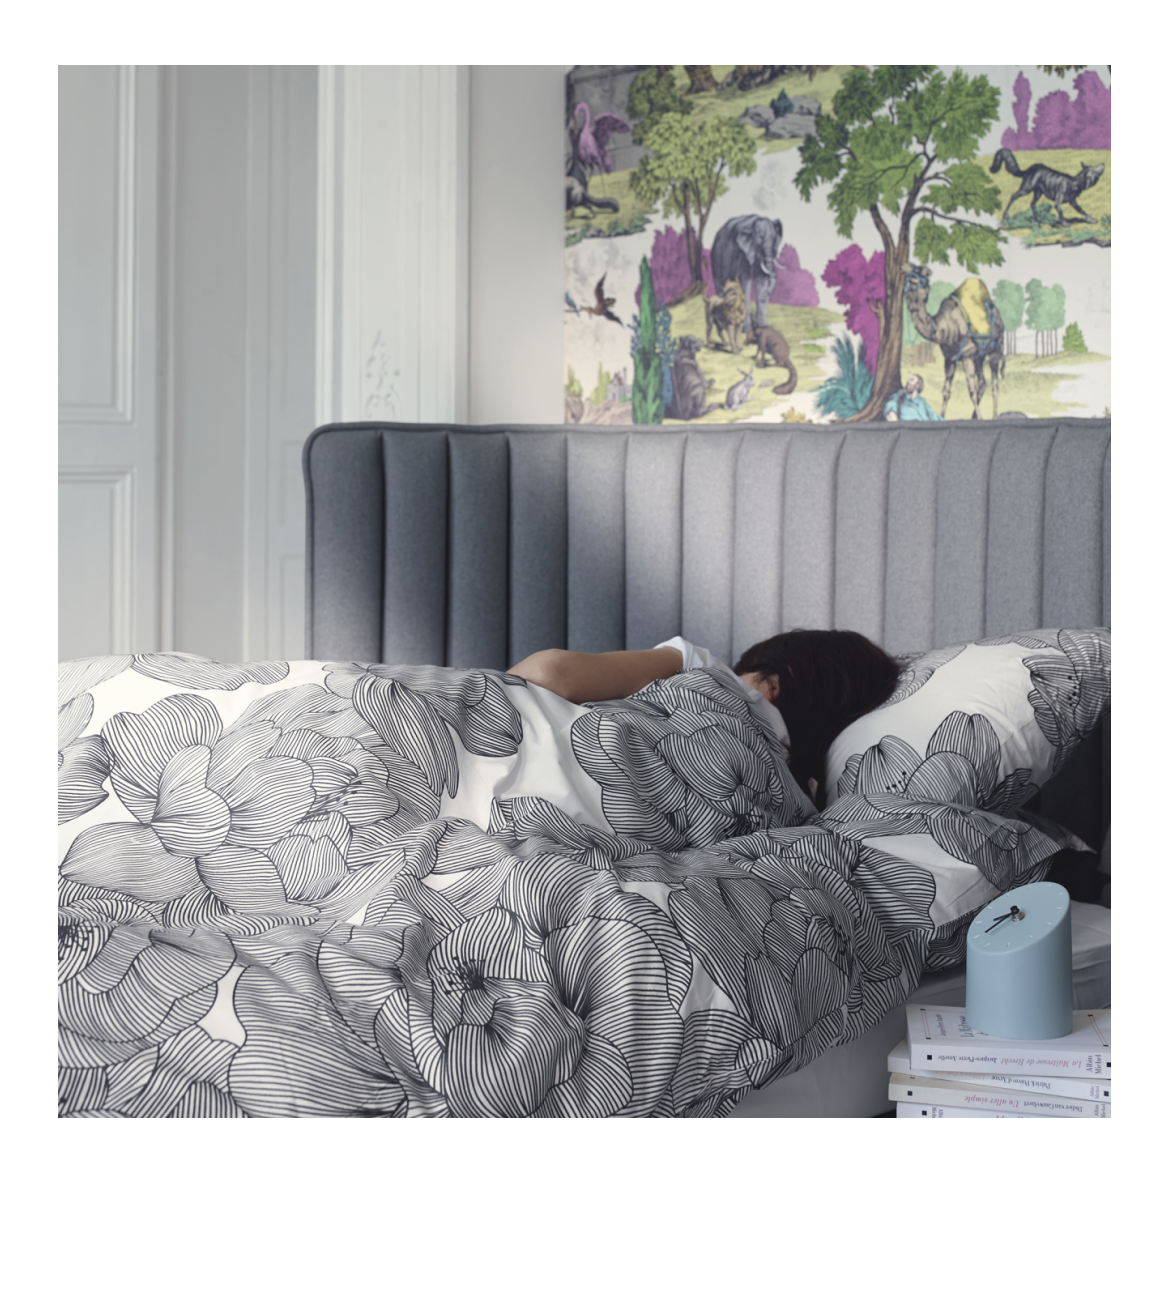 boudoir lits gris anthracite tissu habitat d co pinterest lit lit gris et t te de lit grise. Black Bedroom Furniture Sets. Home Design Ideas